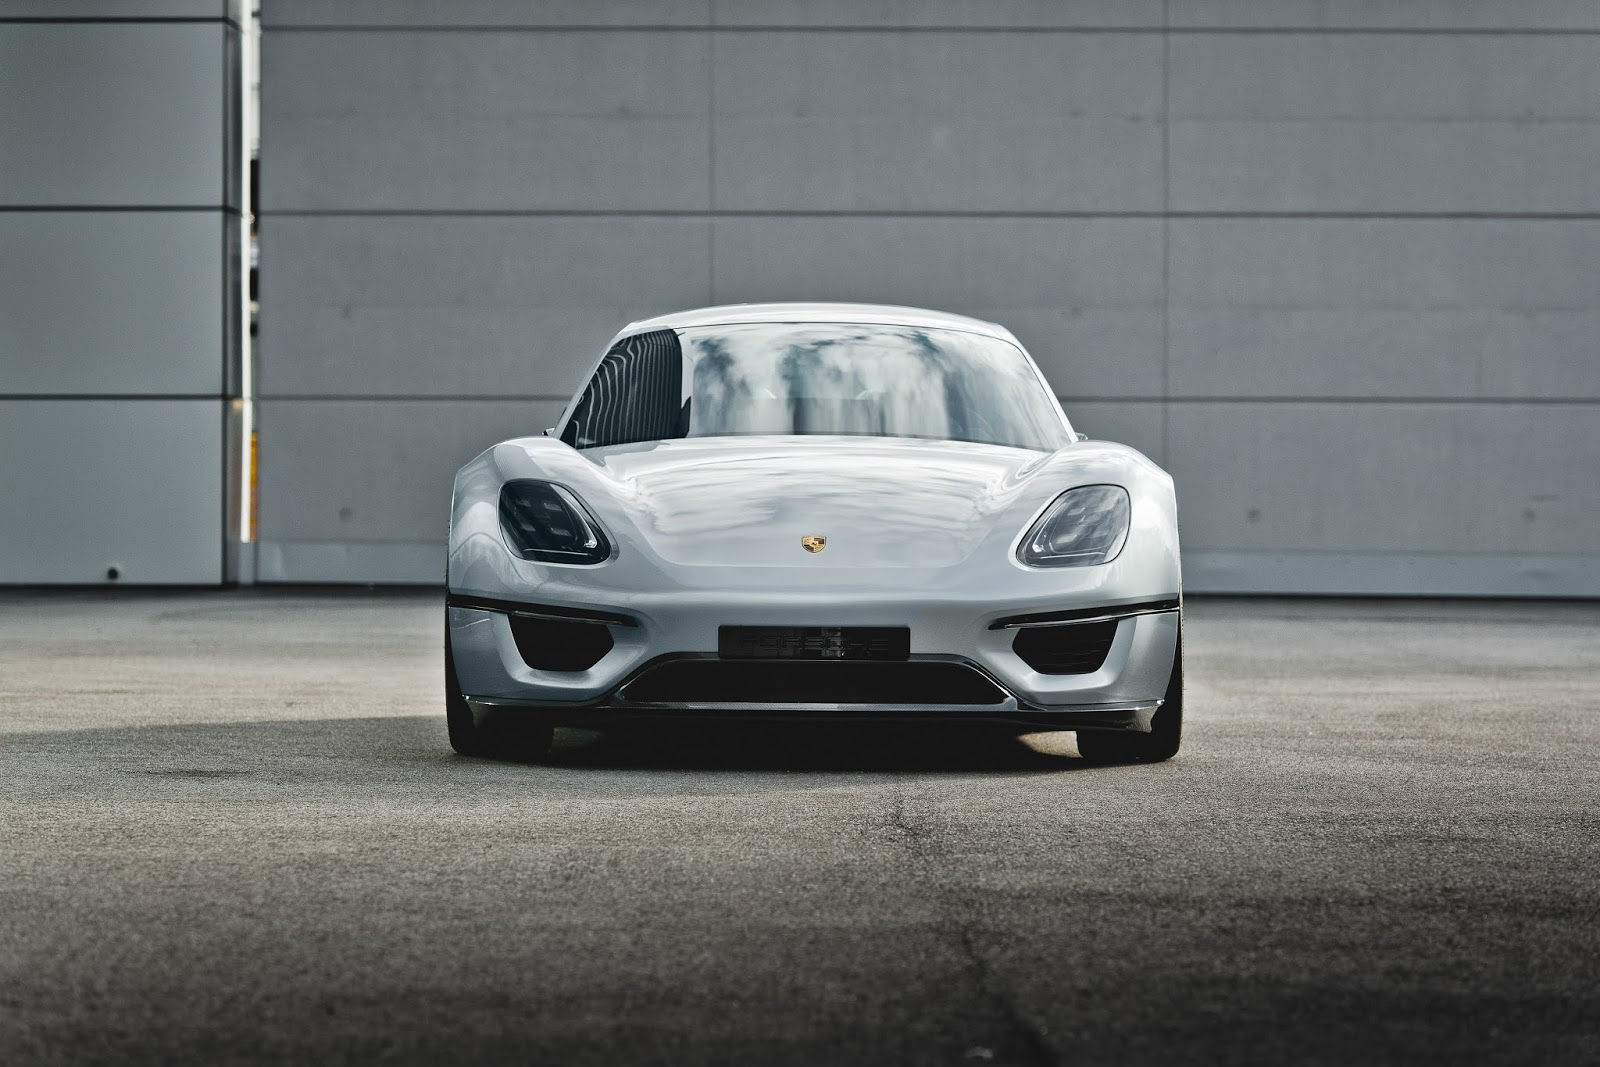 CVS0374 Η 904 Living Legend, που μας πήρε τα μυαλά Little Rebels, Porsche, Porsche 904 Living Legend, Porsche Unseen, supercar, supercars, zblog, ειδήσεις